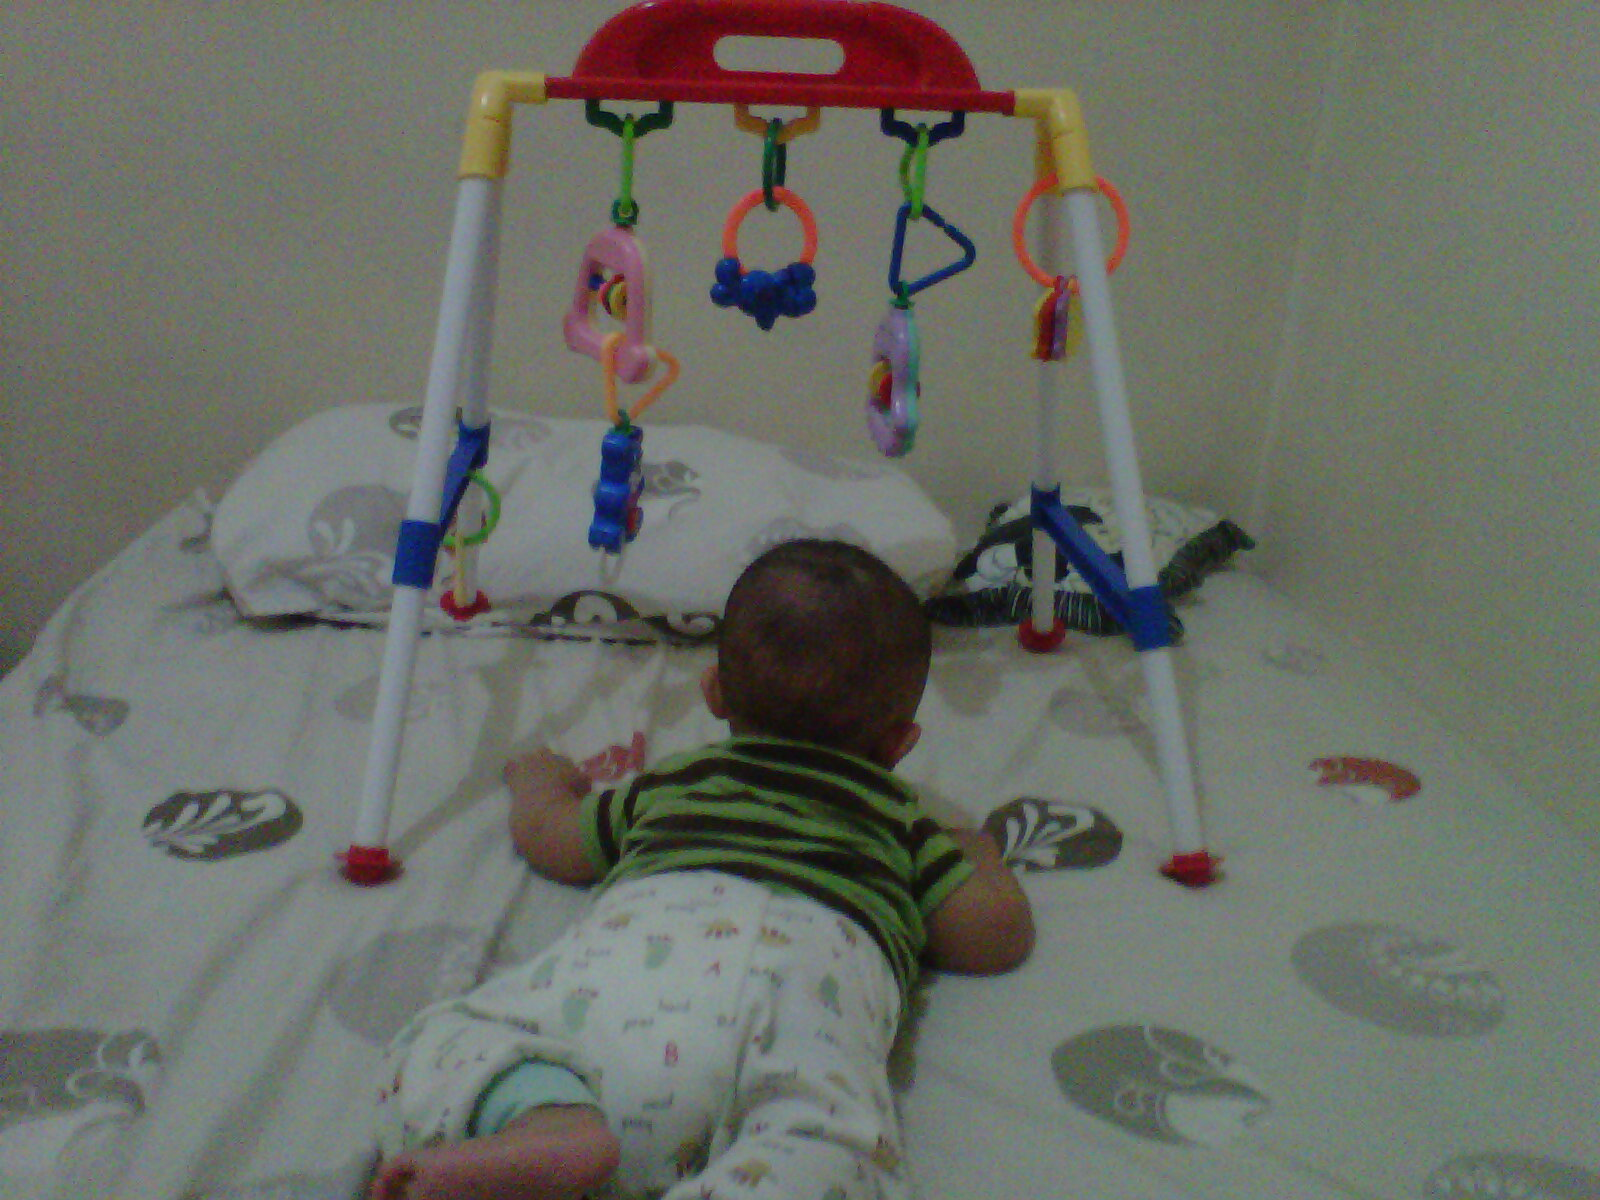 Baby gym ini pemberian nenek ibuku Sejak alzam usia 2 bulan dikasih kado oleh nenek inih Kata ibu nenek biar alzam punya aktivitas di kasur